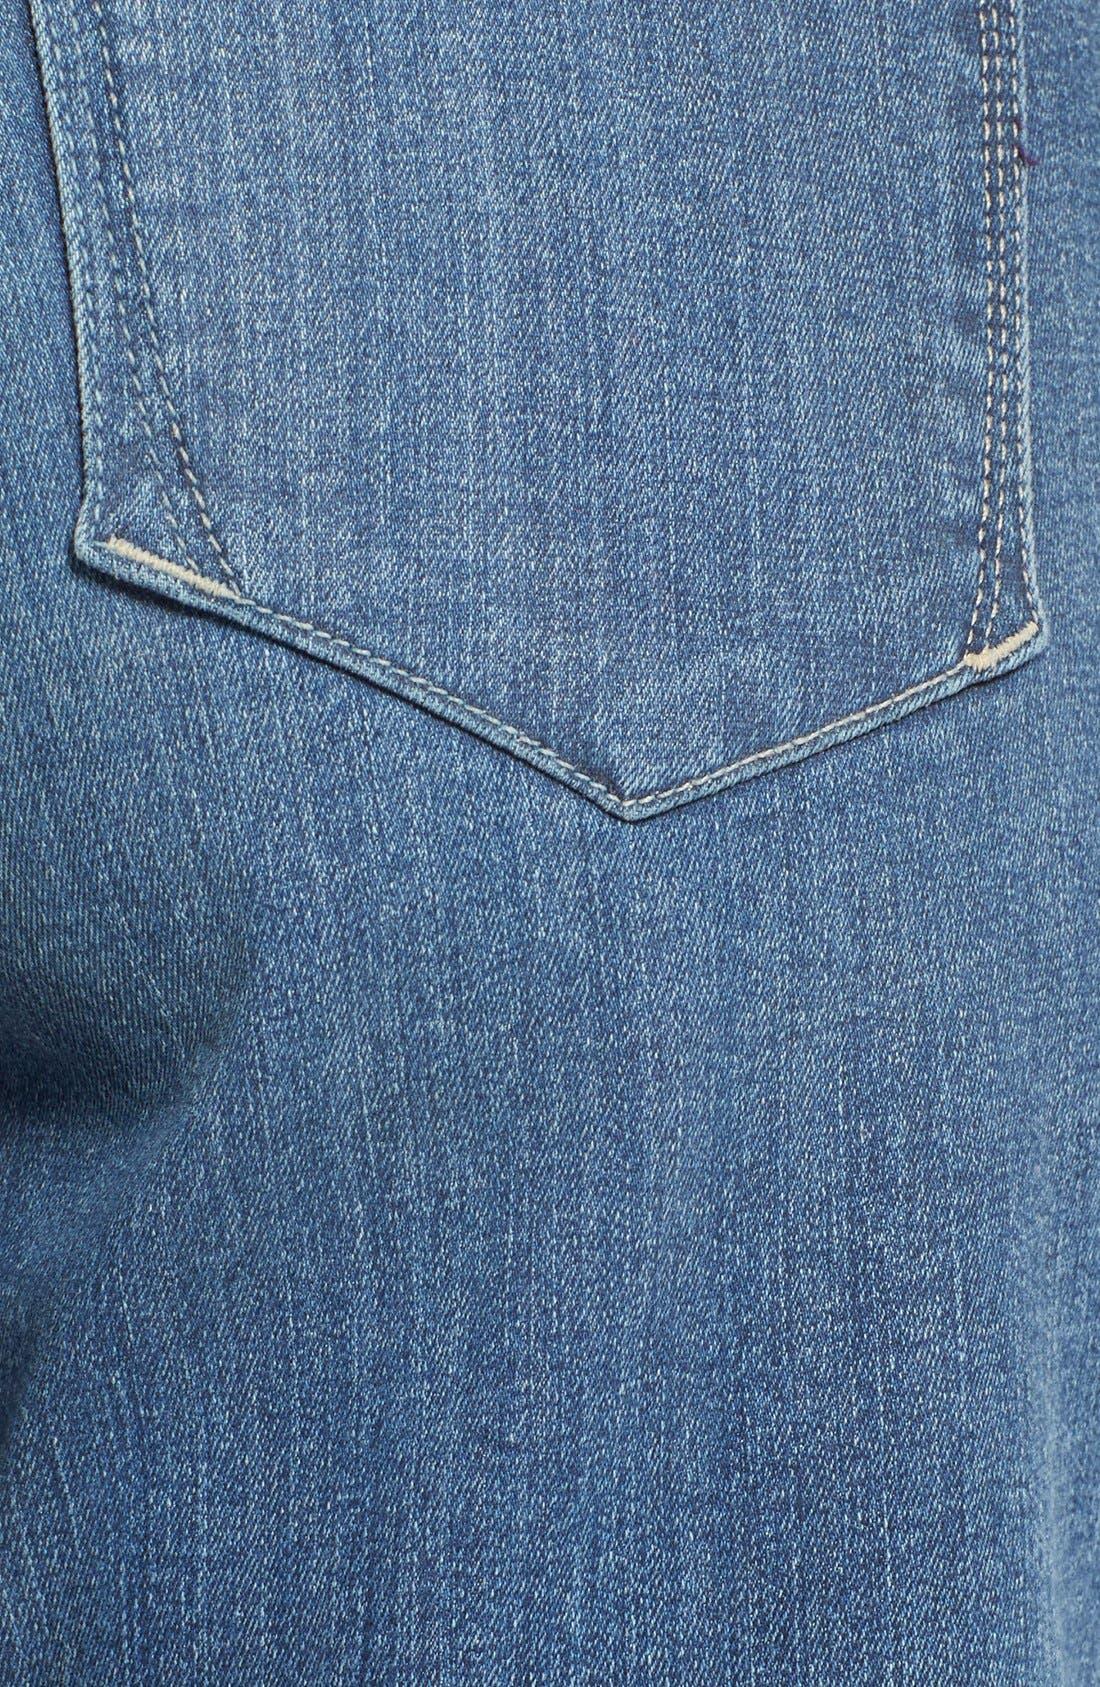 Briella Roll Cuff Stretch Denim Shorts,                             Alternate thumbnail 5, color,                             Heyburn